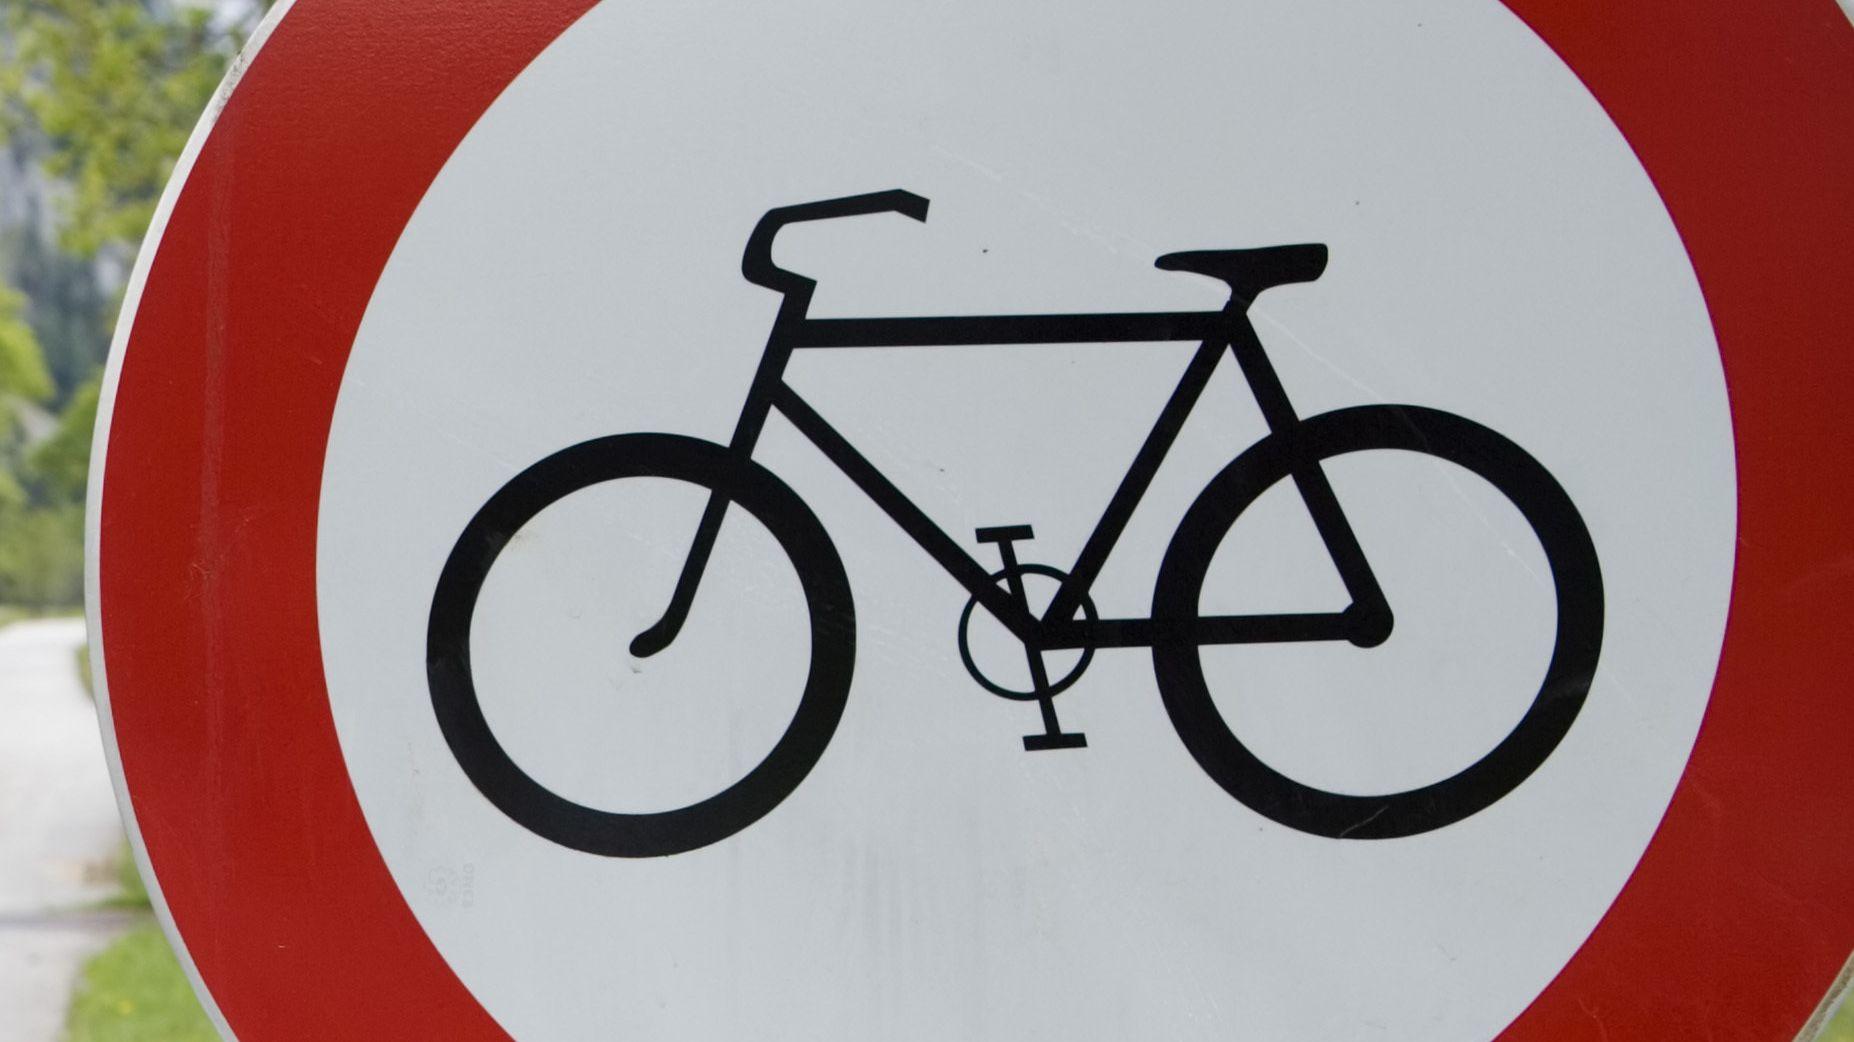 Symbolbild Fahrradfahren verboten